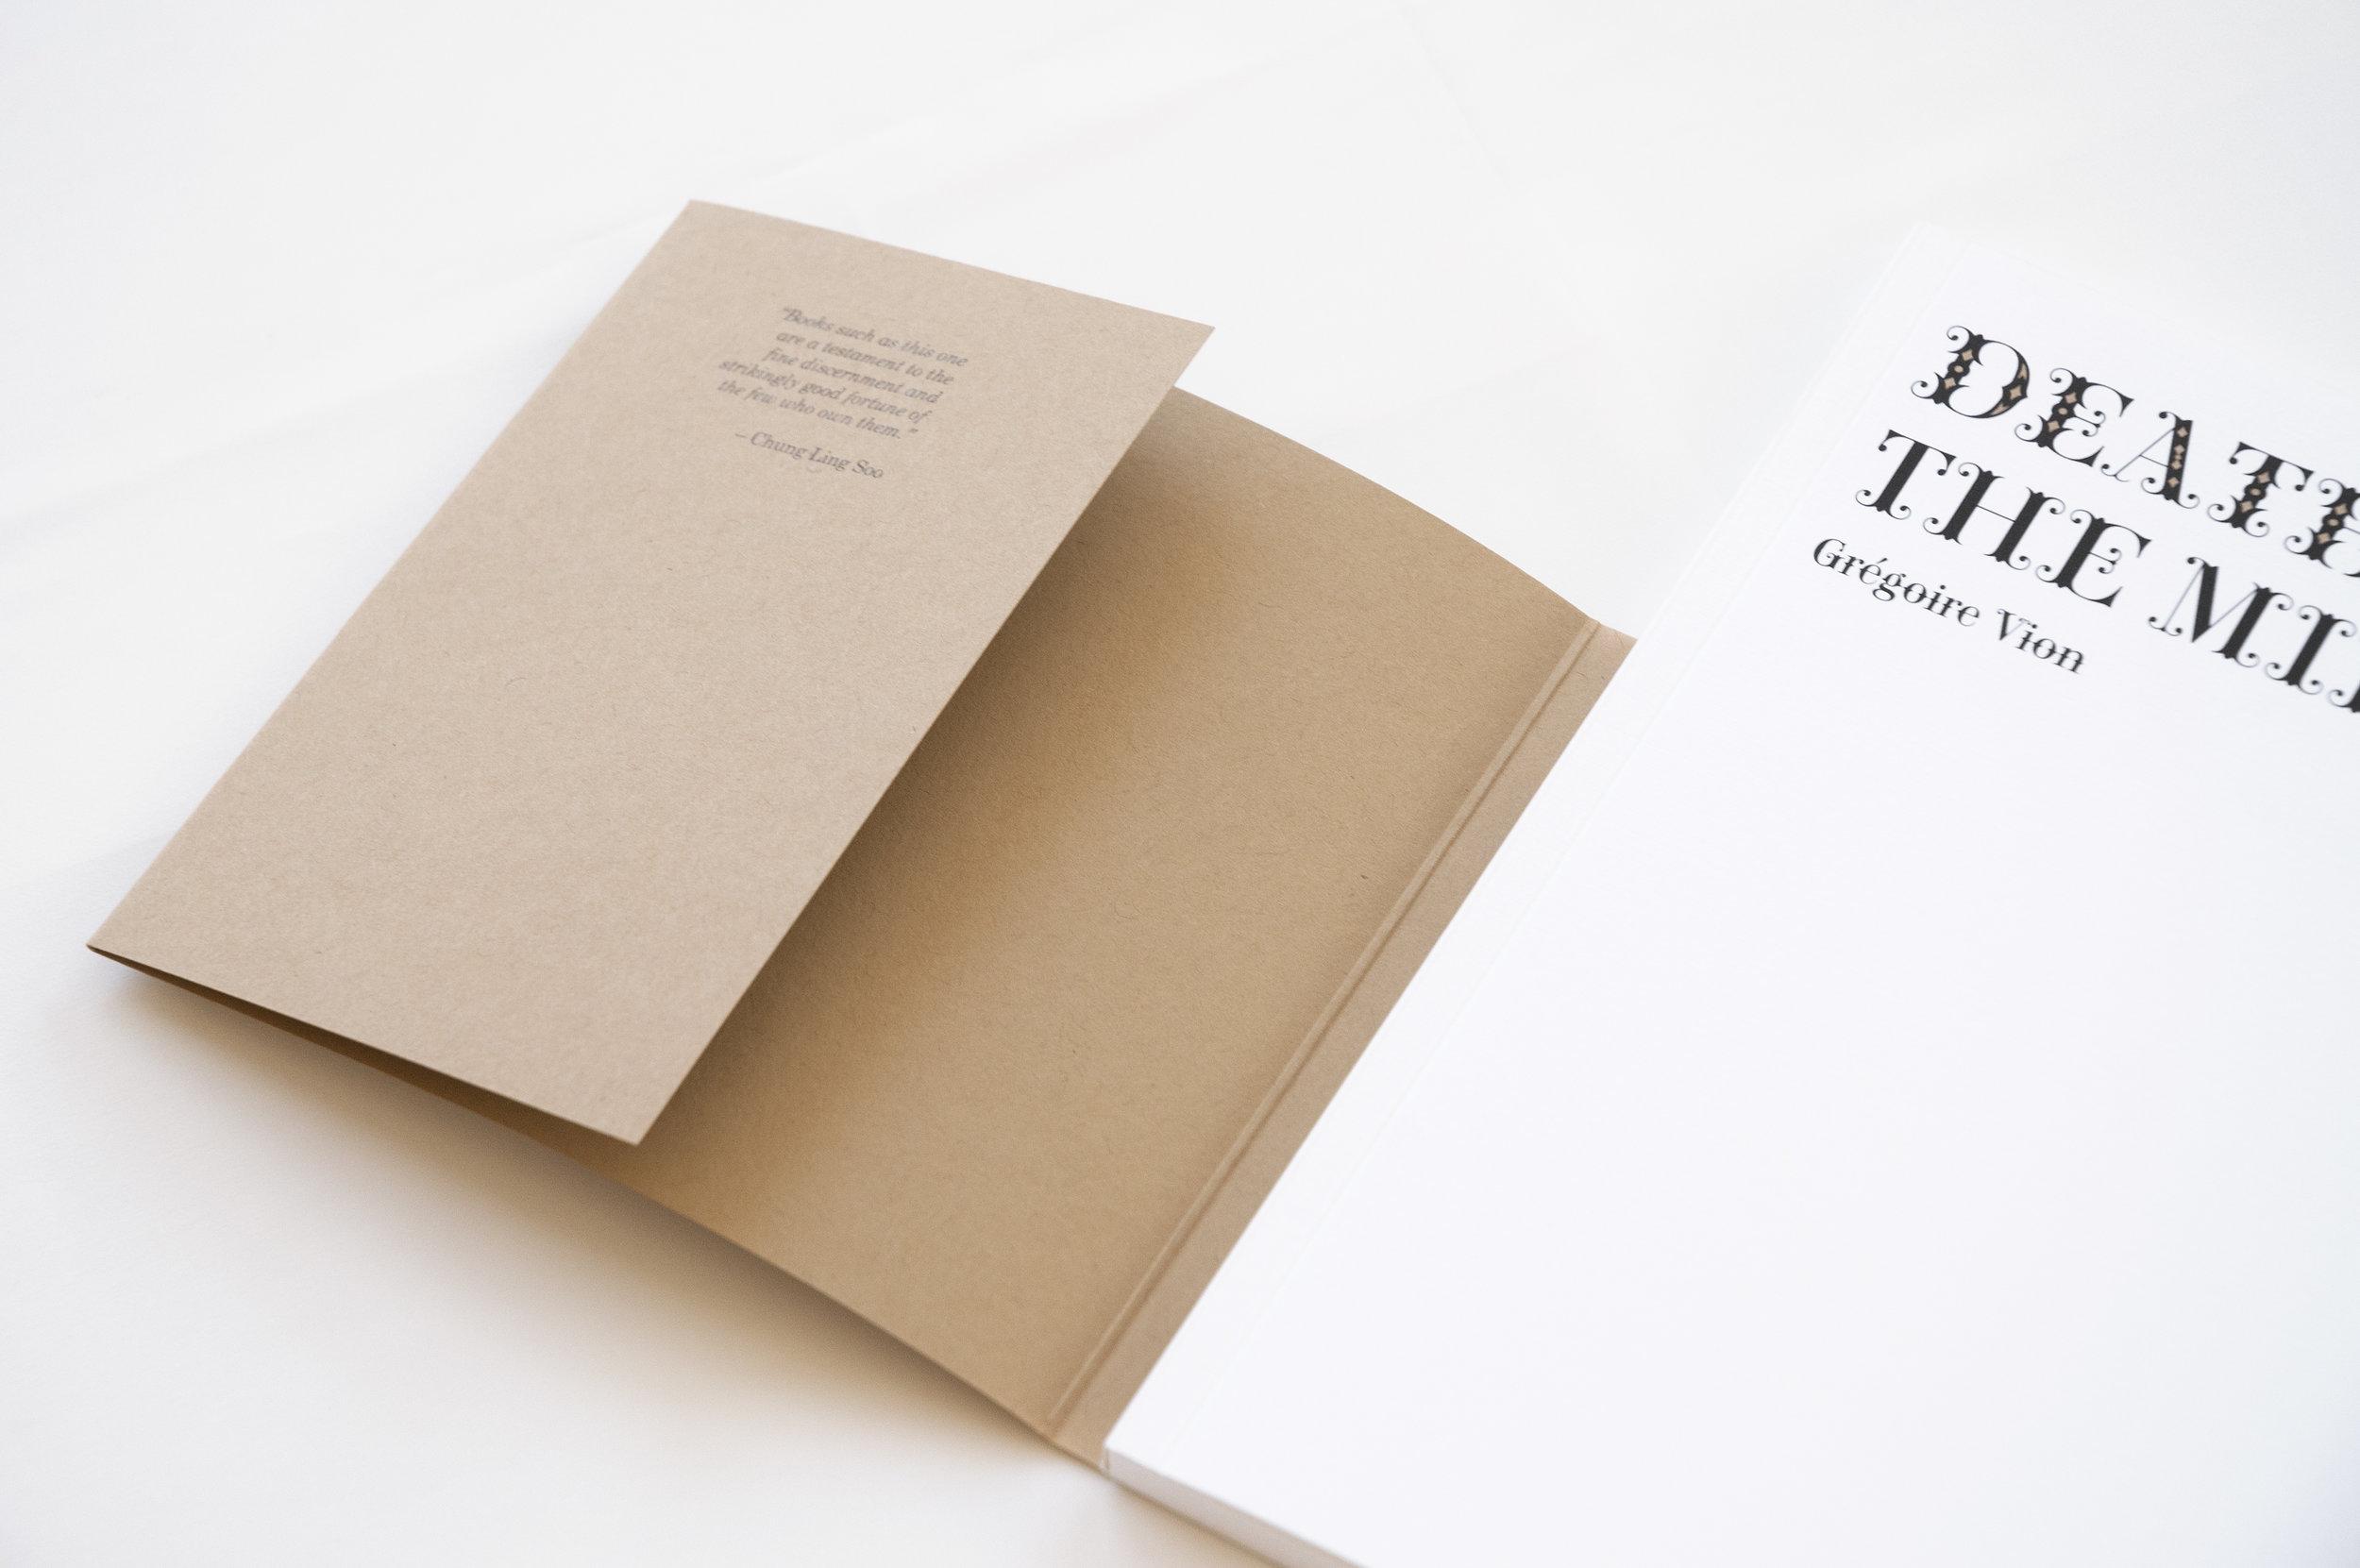 1_Custom_Books_4.jpg